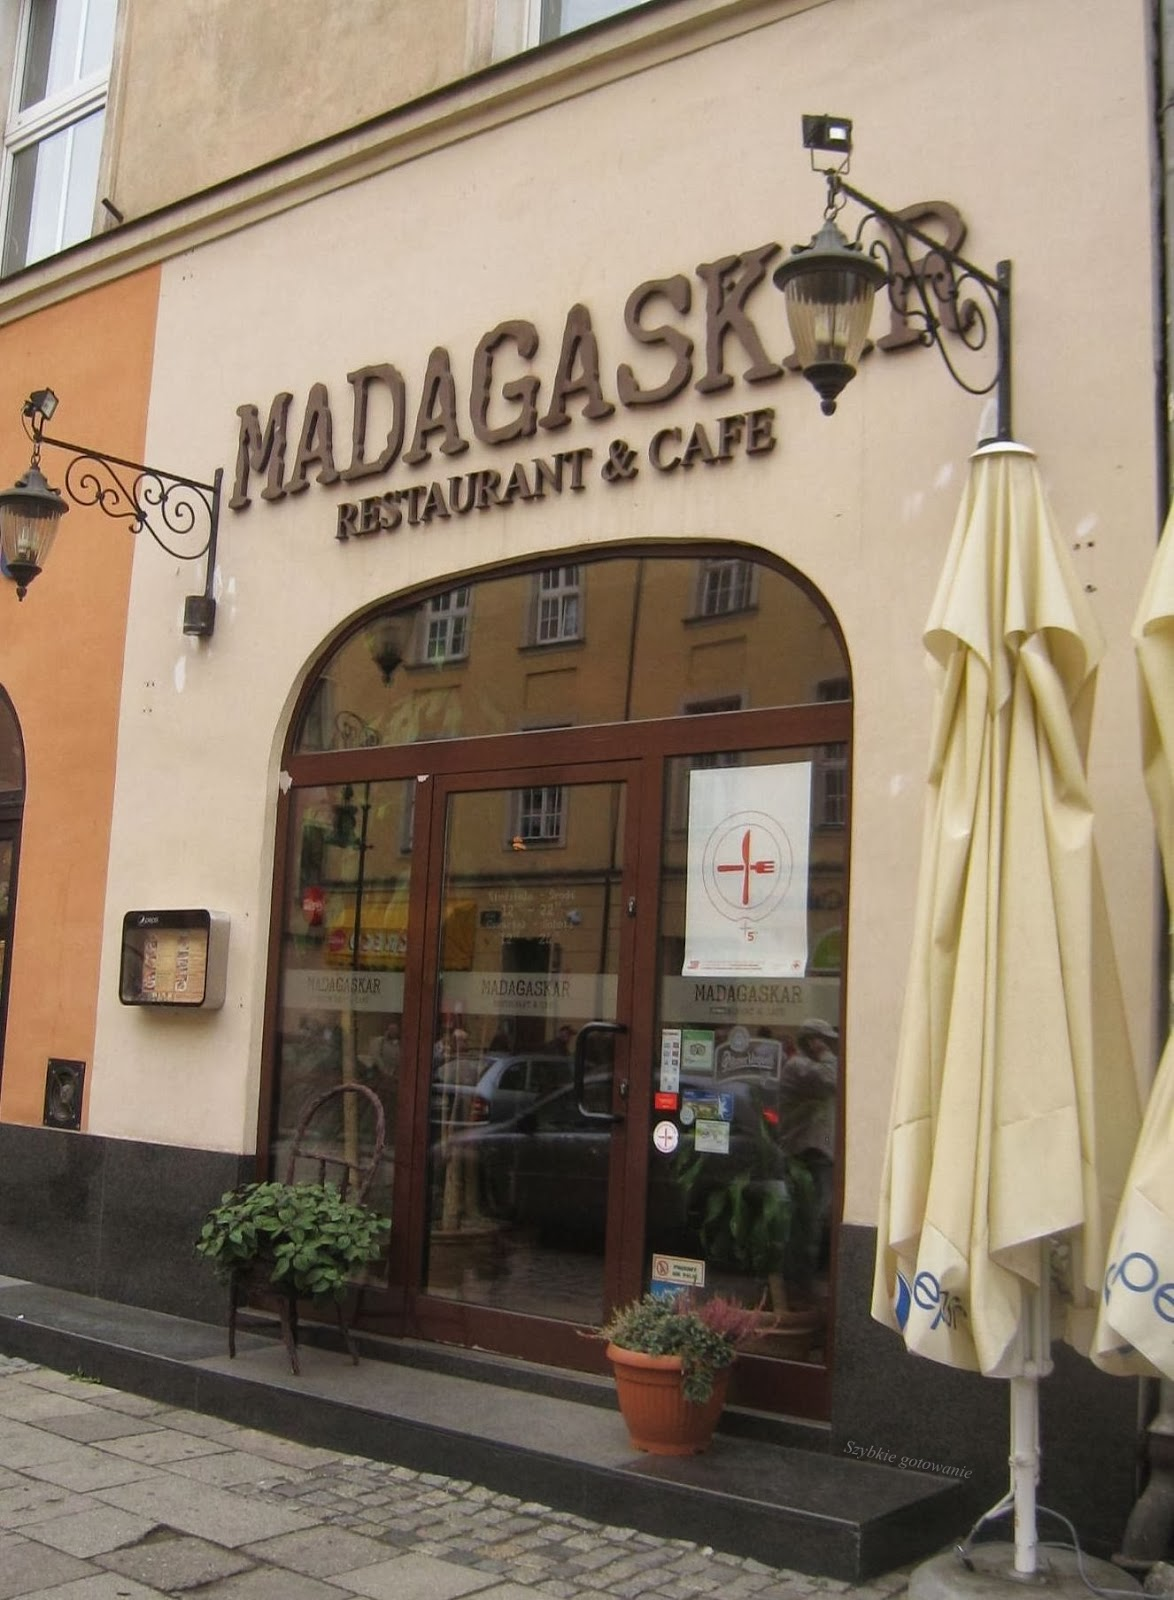 http://nietracczasunagotowanie.blogspot.com/2013/10/restauracja-madagaskar-w-poznaniu-opinia.html